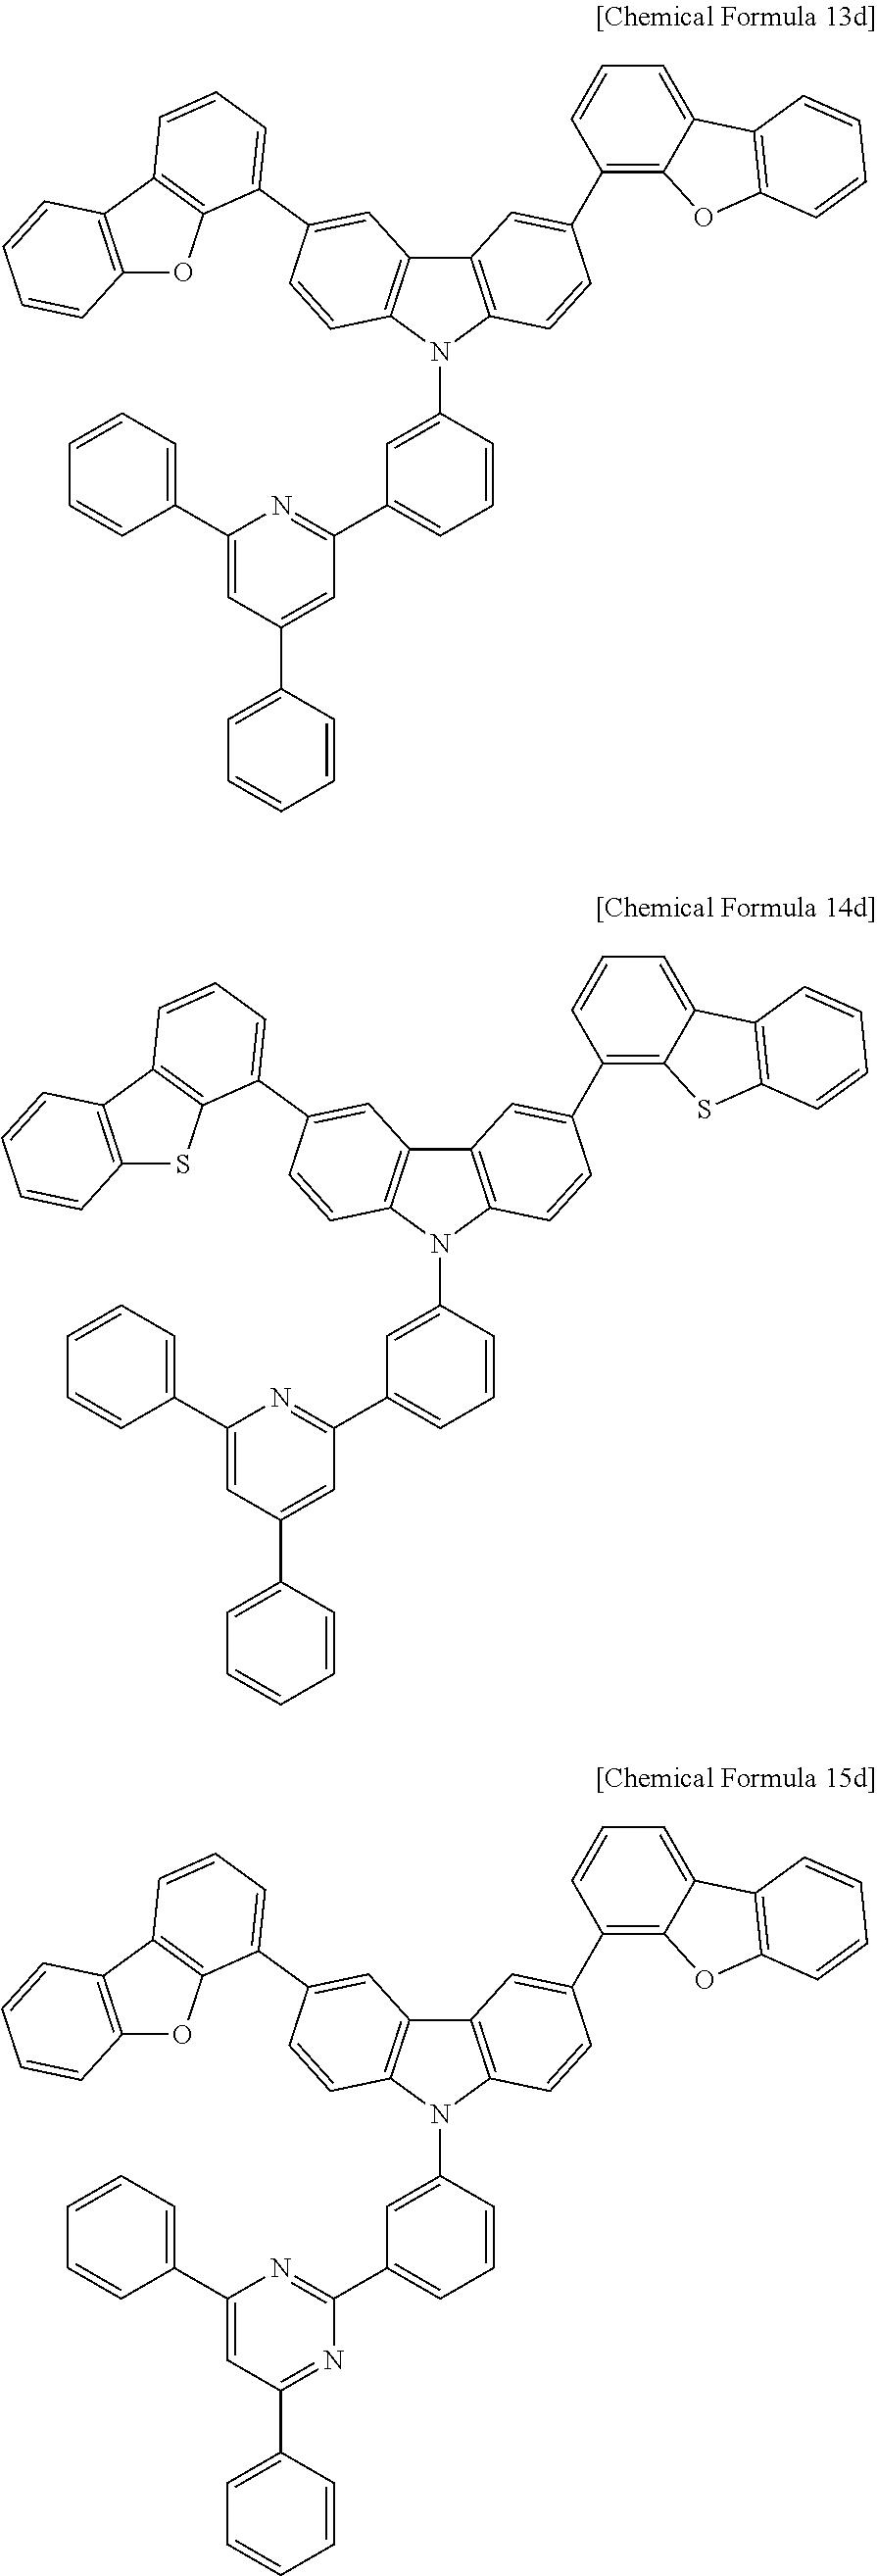 Figure US20130292659A1-20131107-C00056